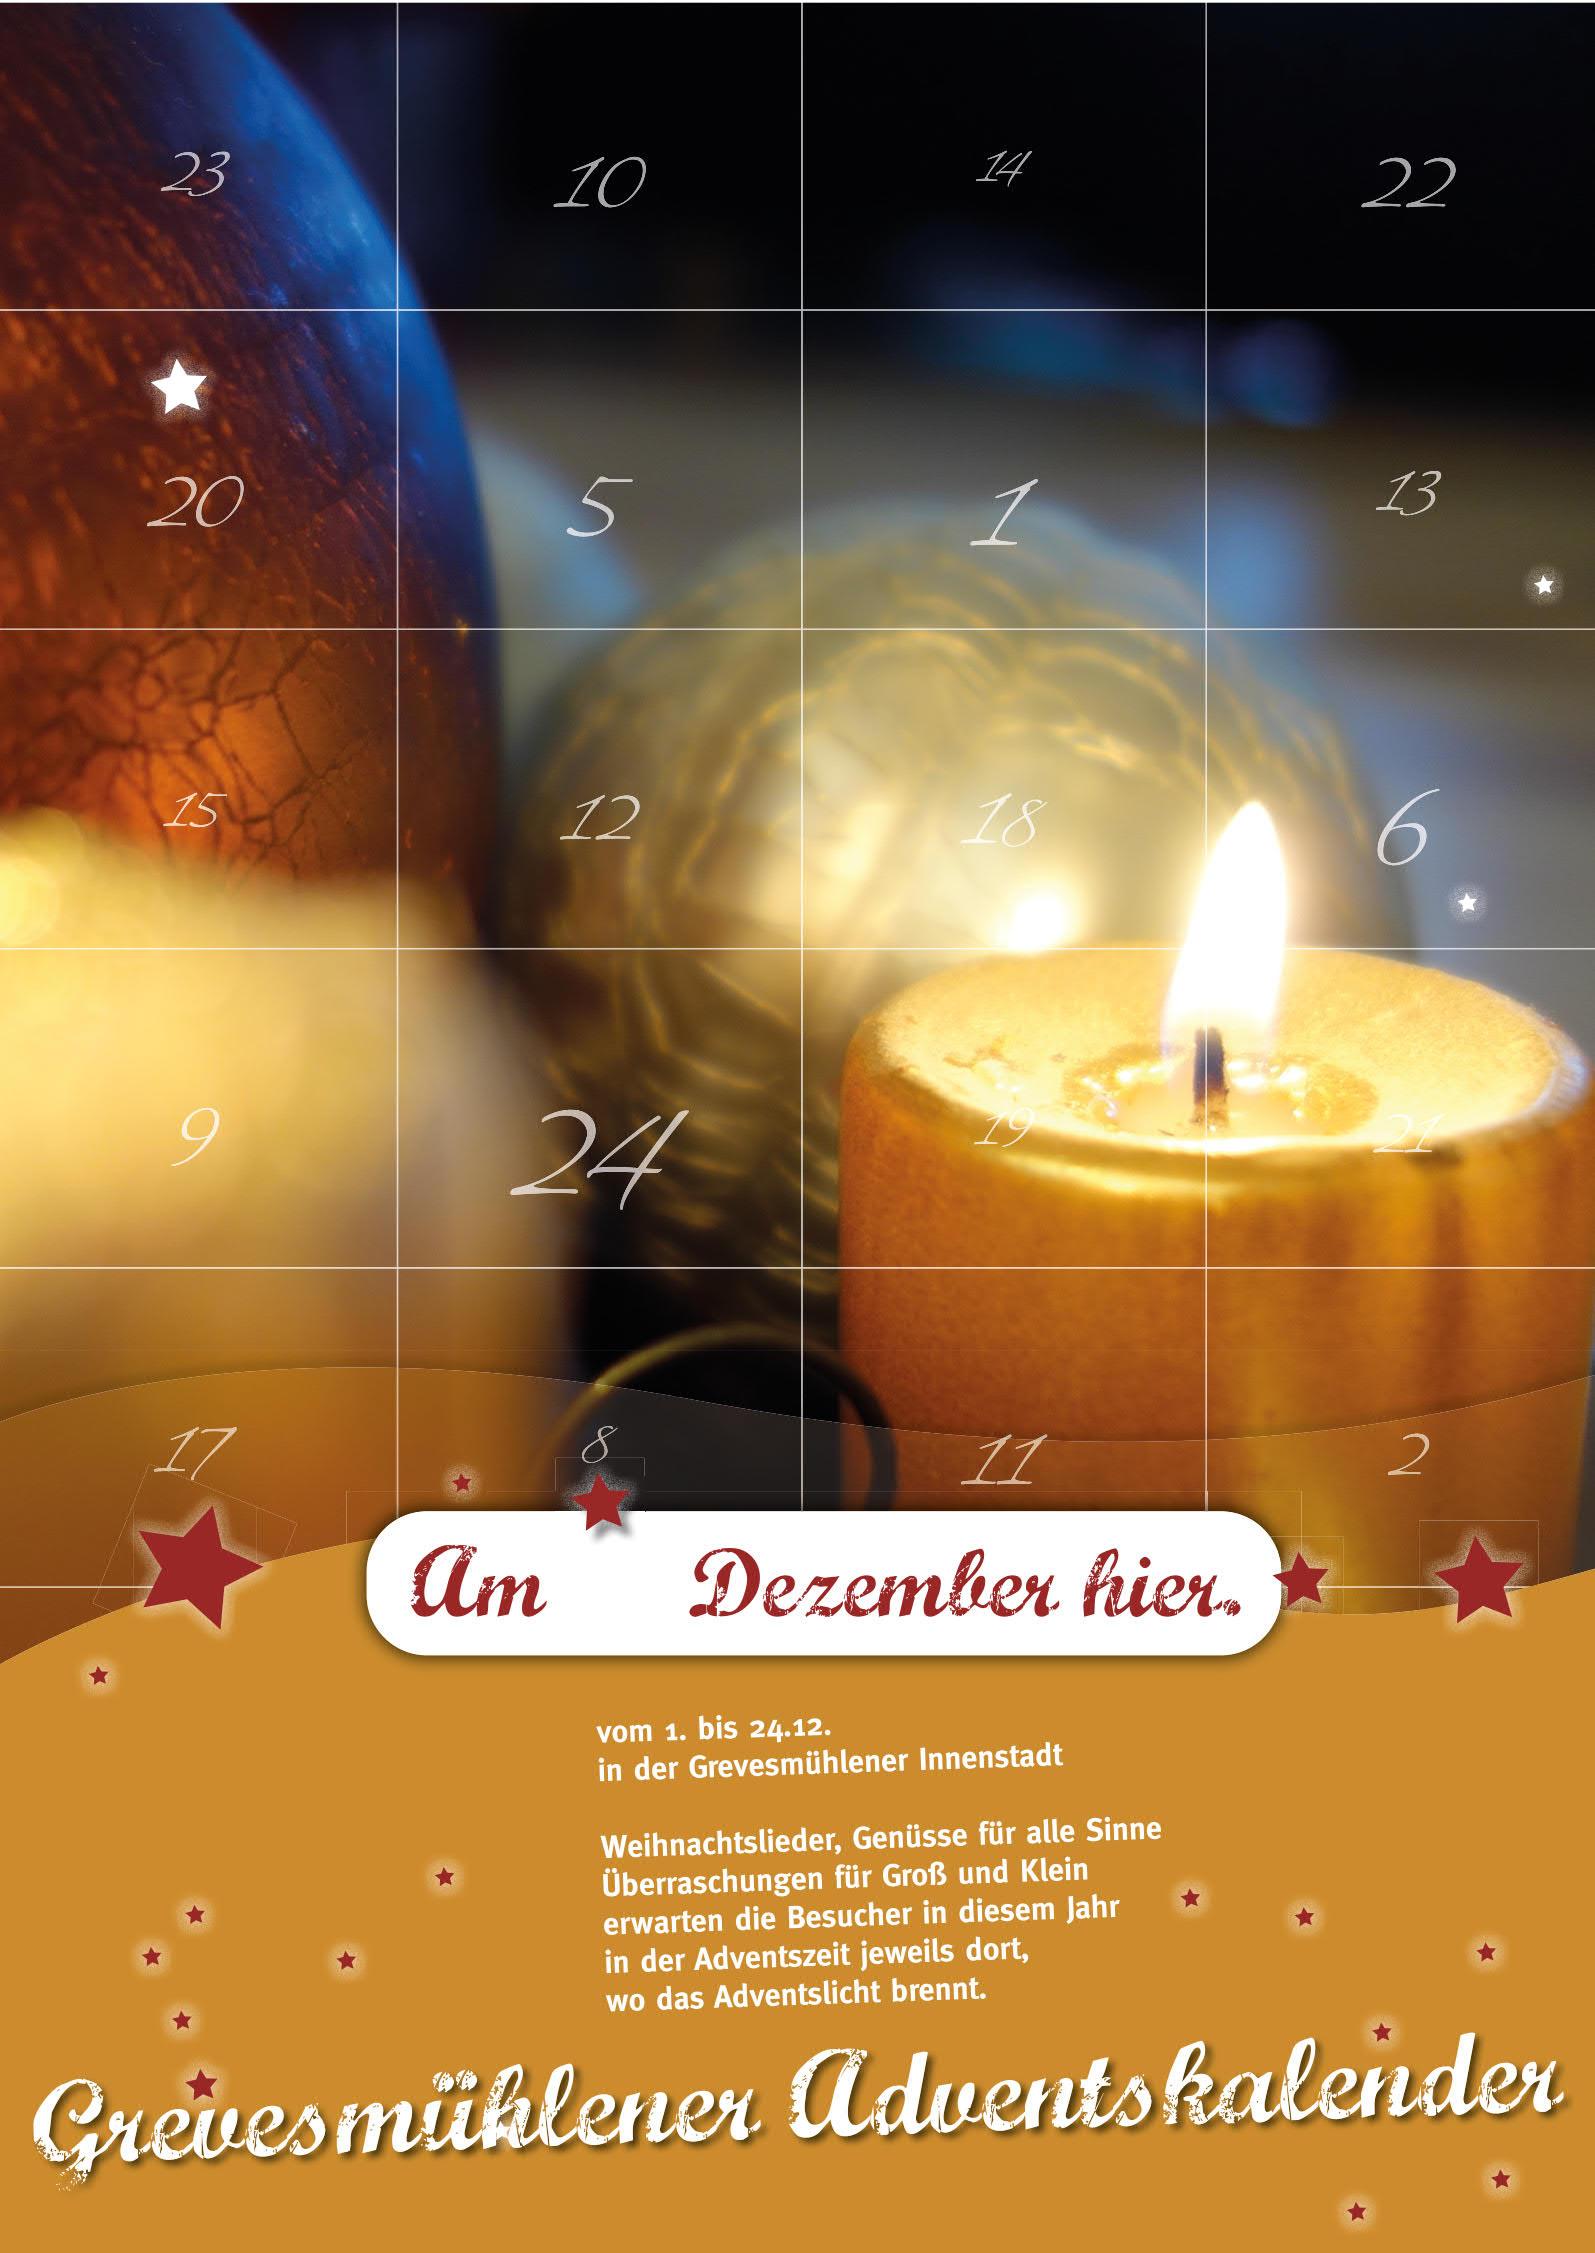 Lebender Adventskalender © Stadt Grevesmühlen